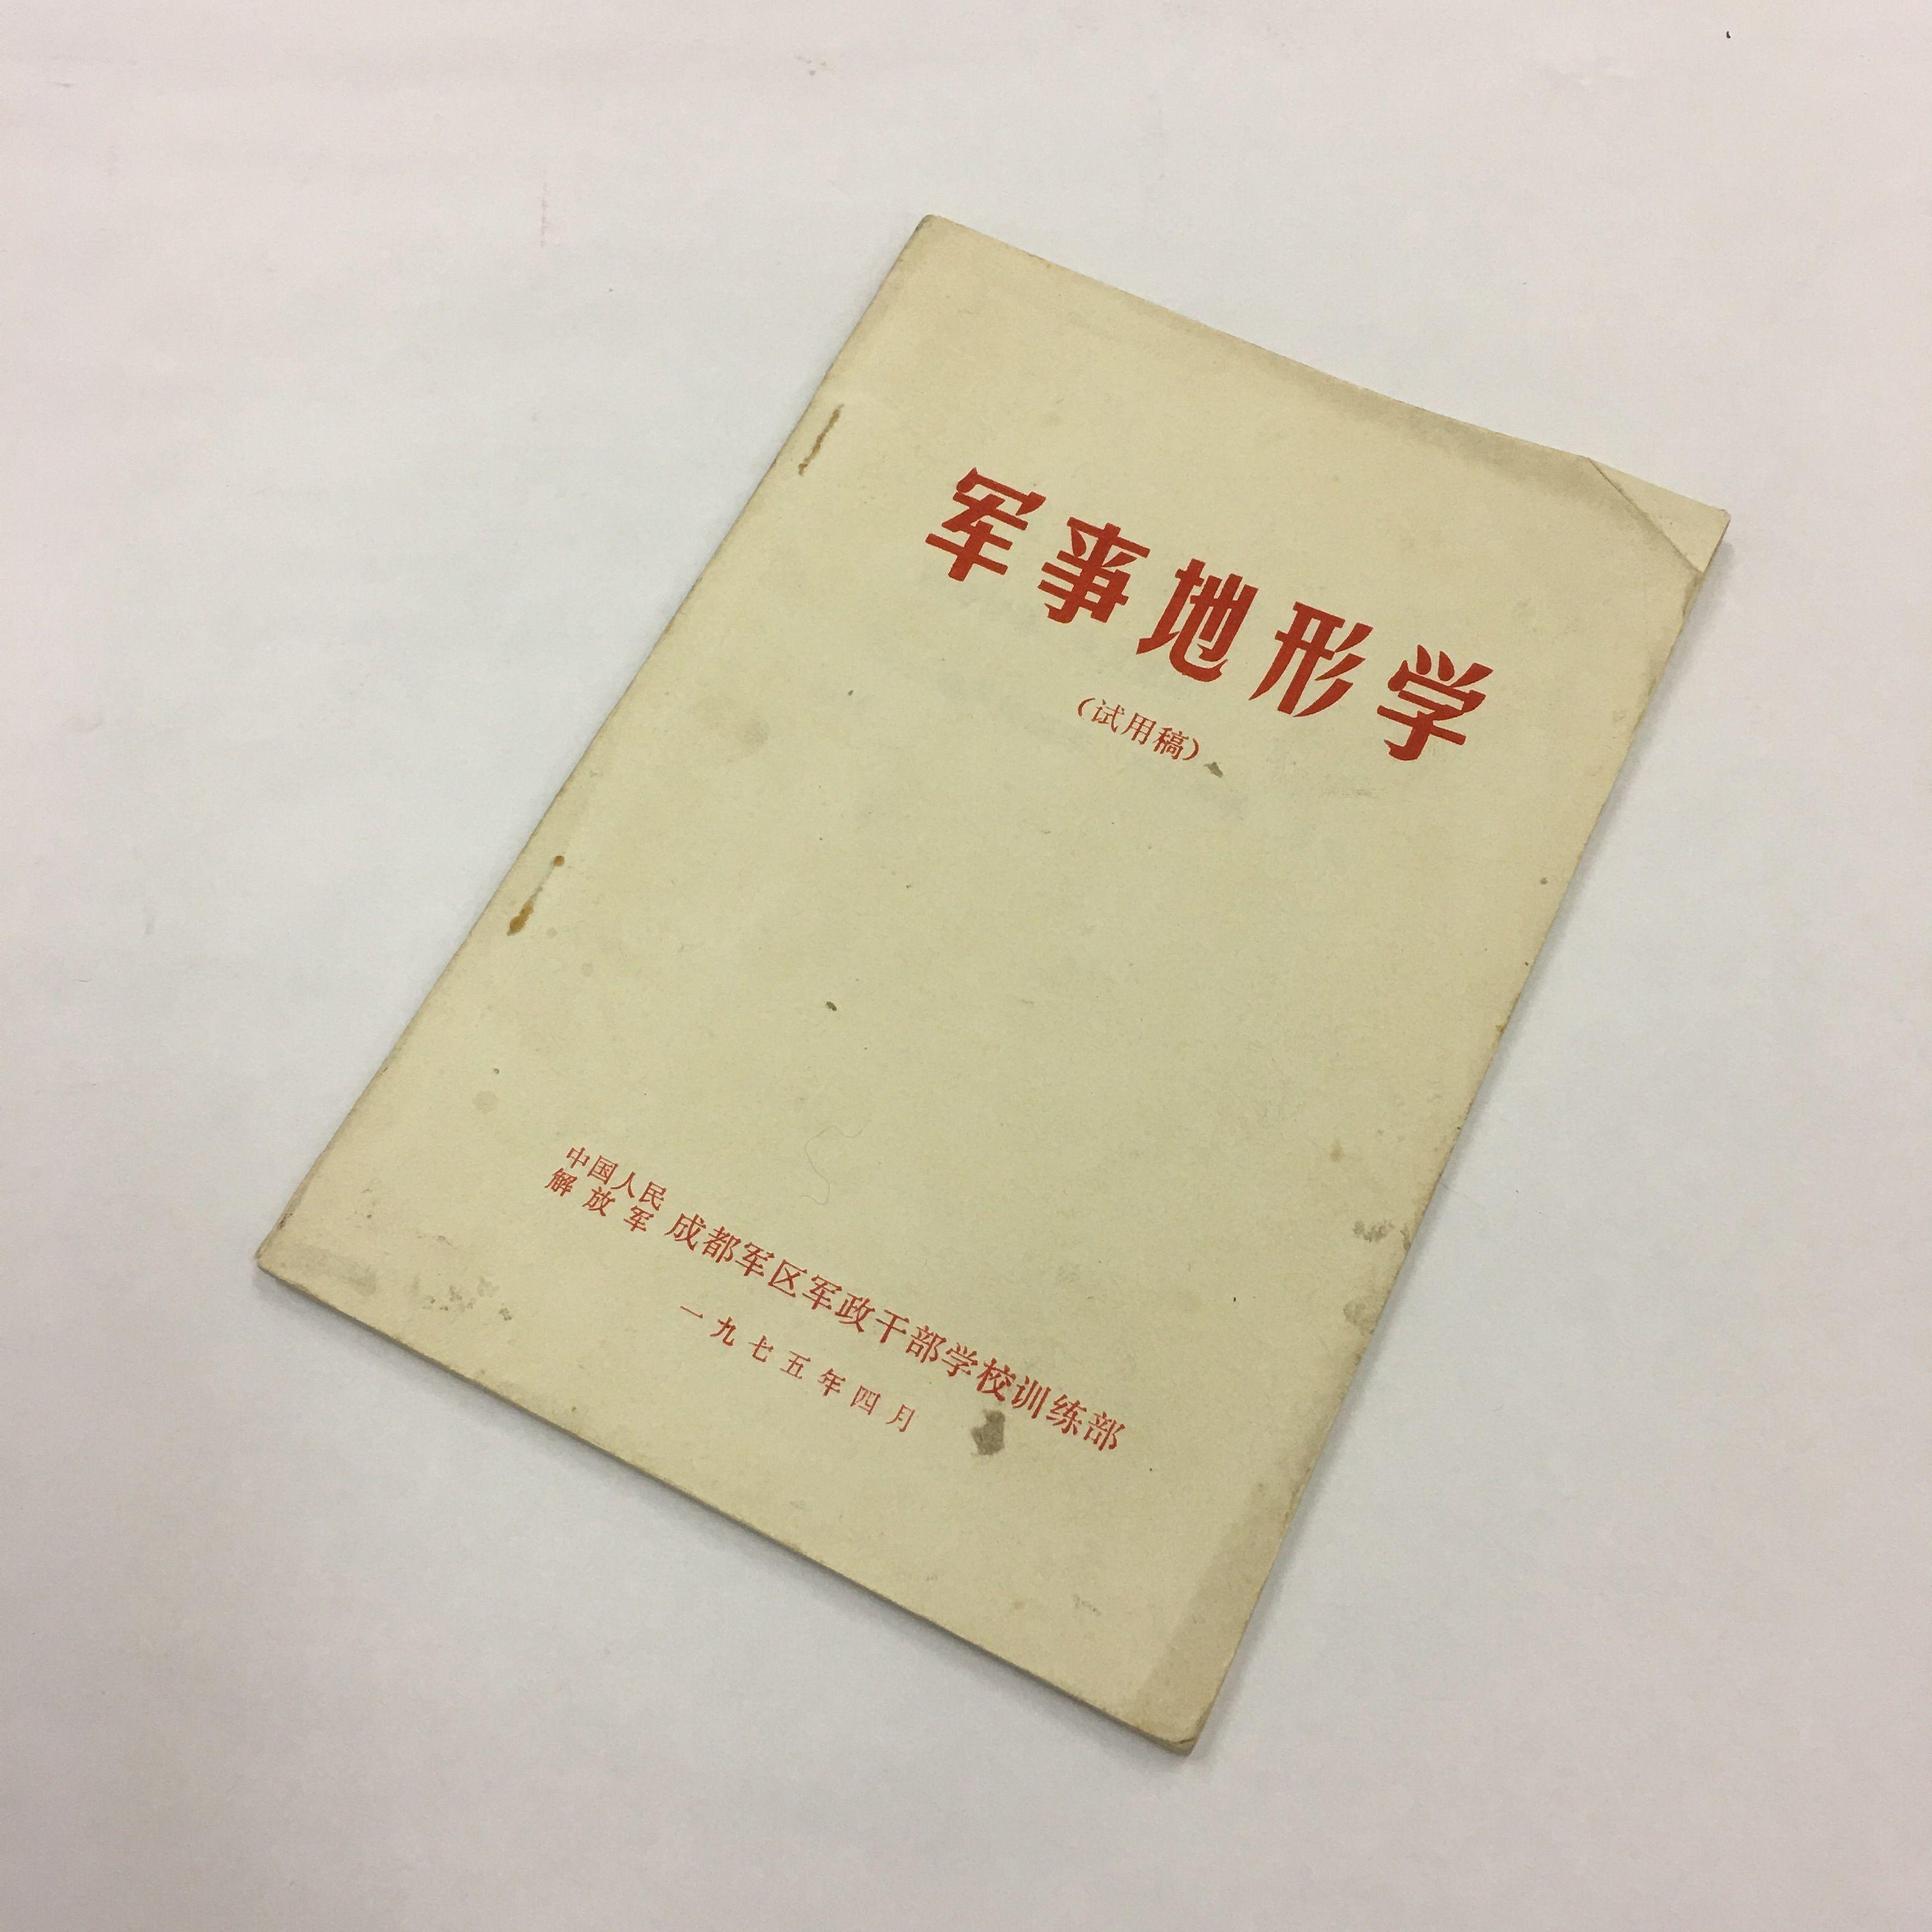 「軍事地形学」試用稿 中国人民解放軍成都軍区軍政幹部学校訓練部 1975年出版